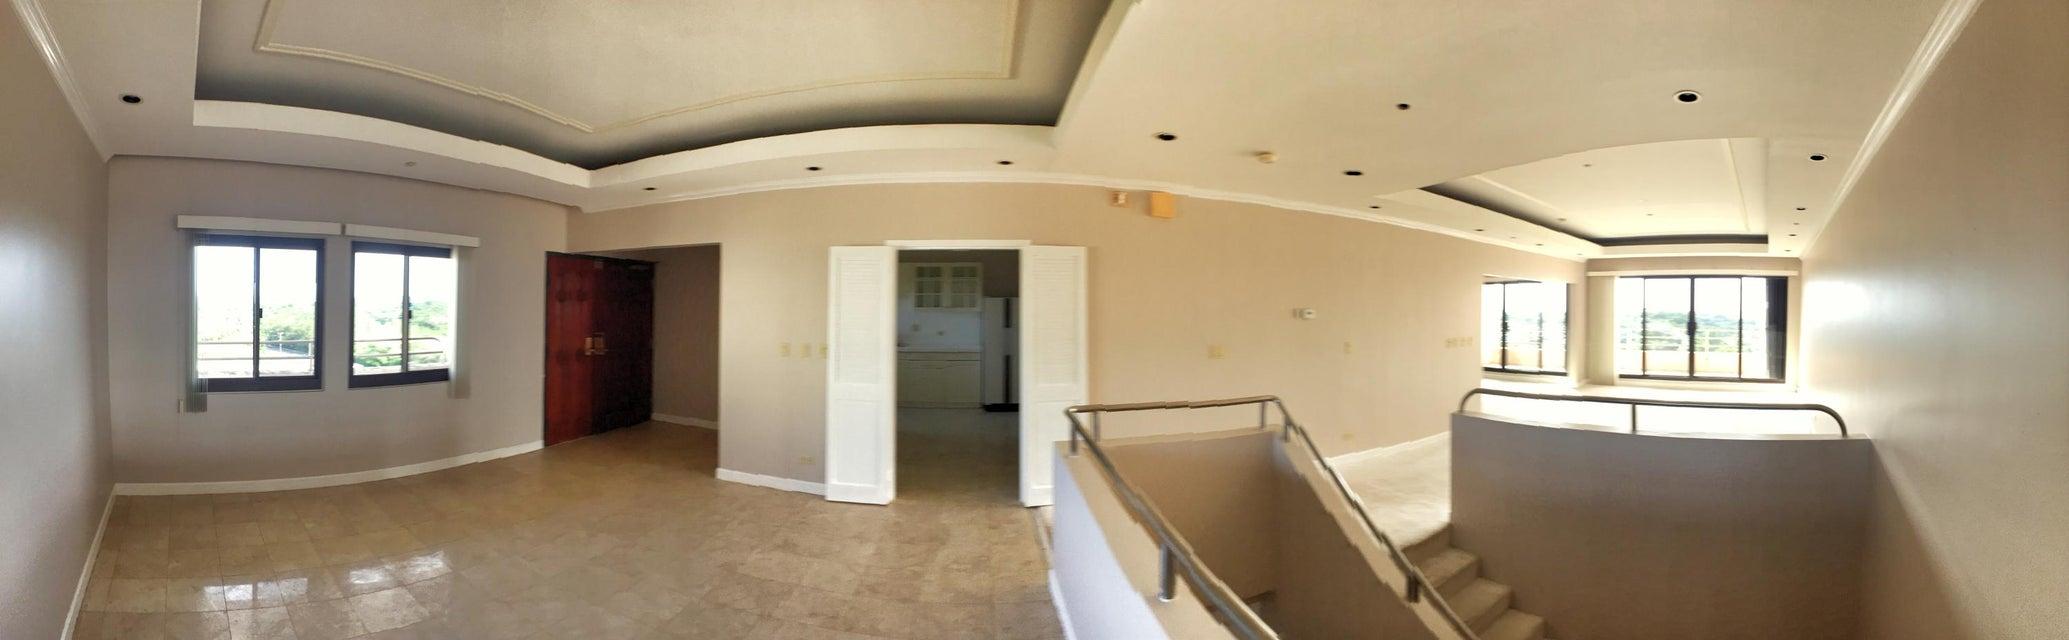 マンション / タウンハウス のために 賃貸 アット Holiday Tower Condo 788 Route 4 , #903 Sinajana, グアム 96910